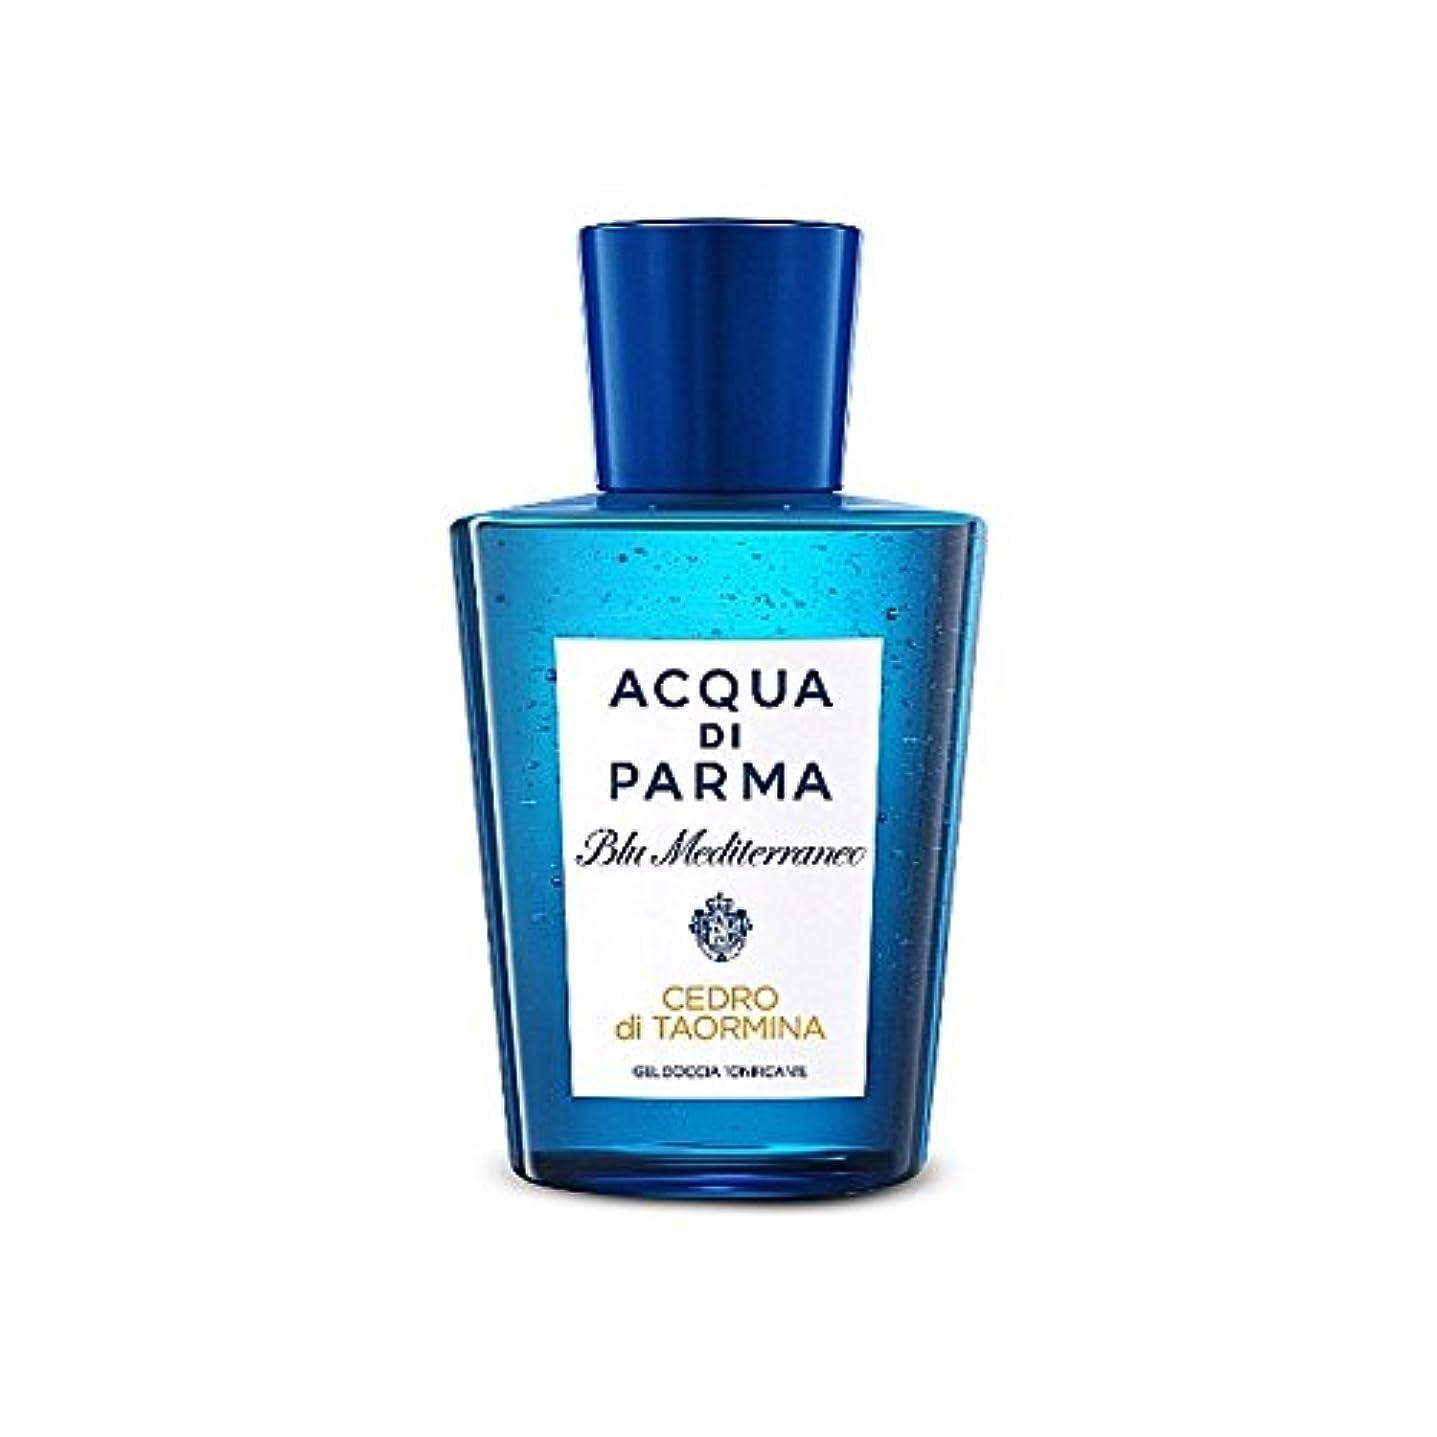 否定する装備する嵐のAcqua Di Parma Cedro Di Taormina Shower Gel 200ml - アクアディパルマディミーナシャワージェル200 [並行輸入品]